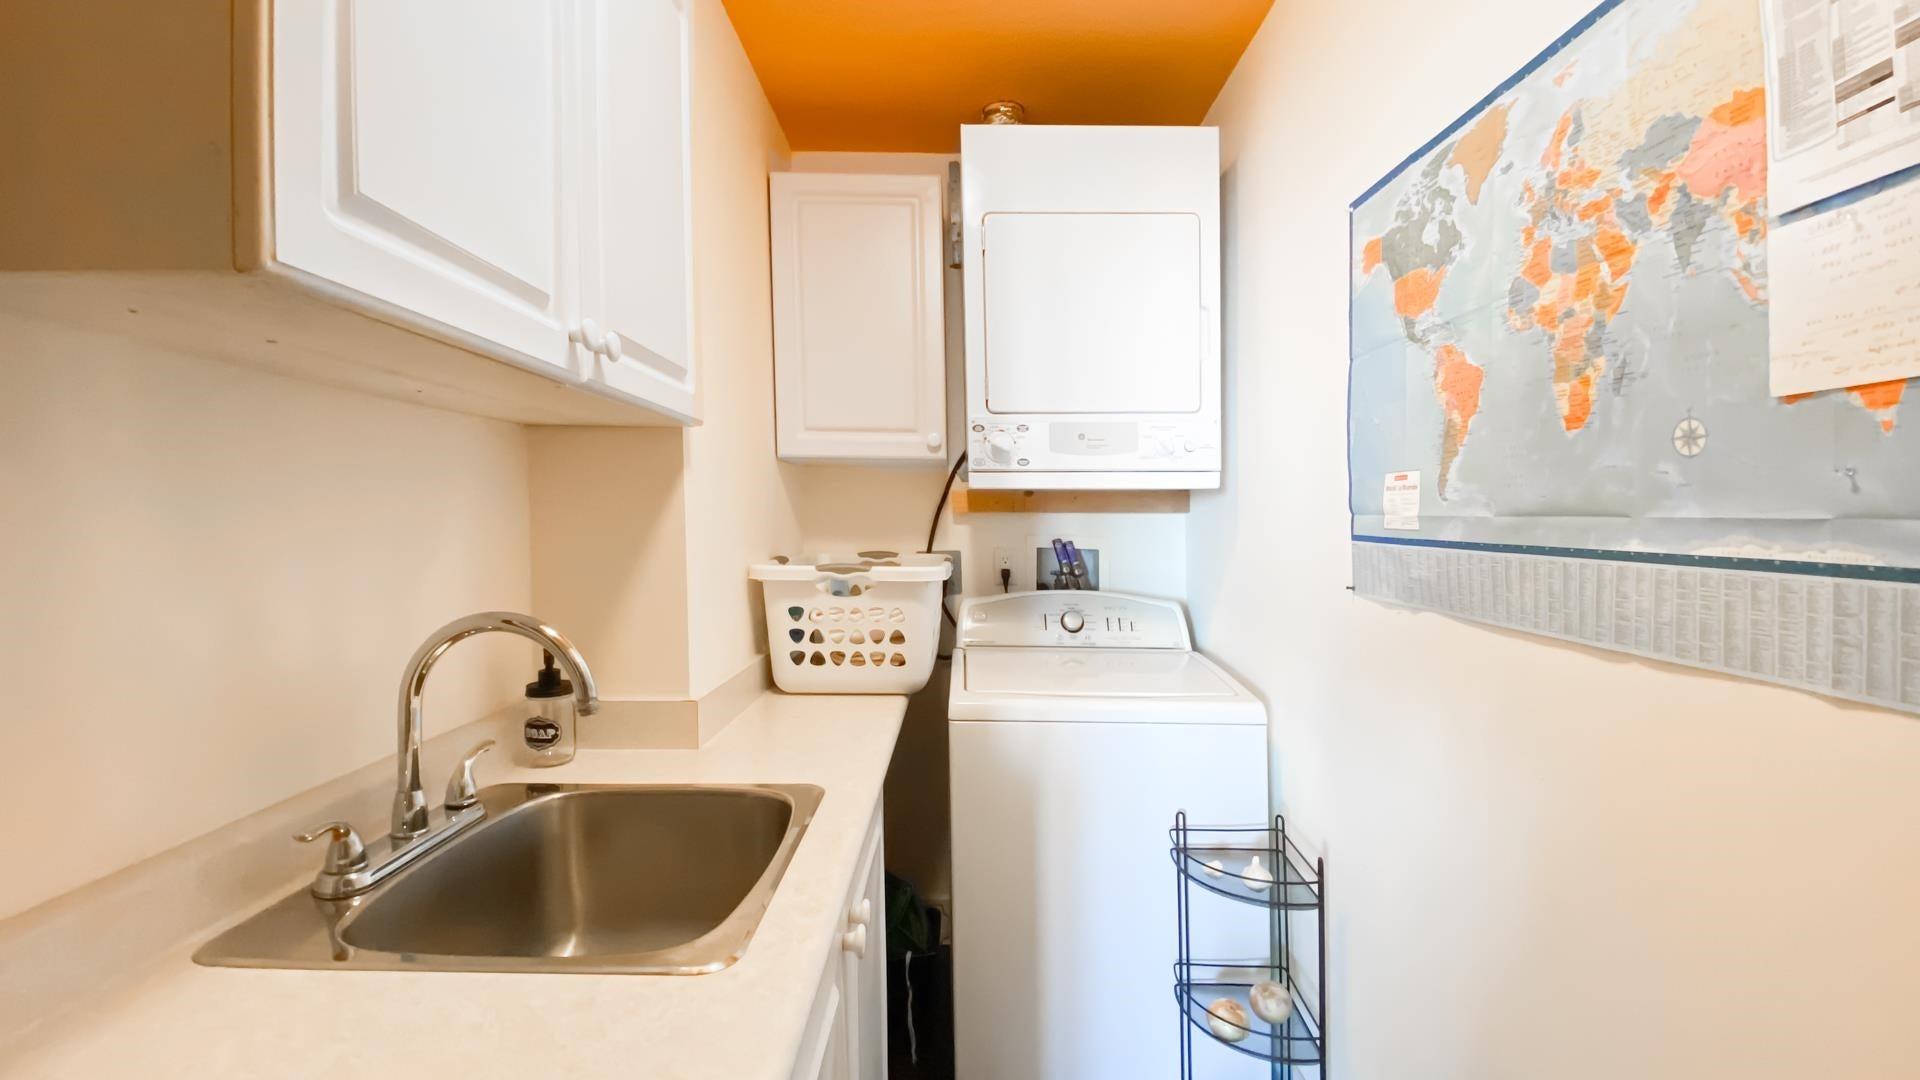 301 3131 DEER RIDGE DRIVE - Deer Ridge WV Apartment/Condo for sale, 2 Bedrooms (R2615692) - #23